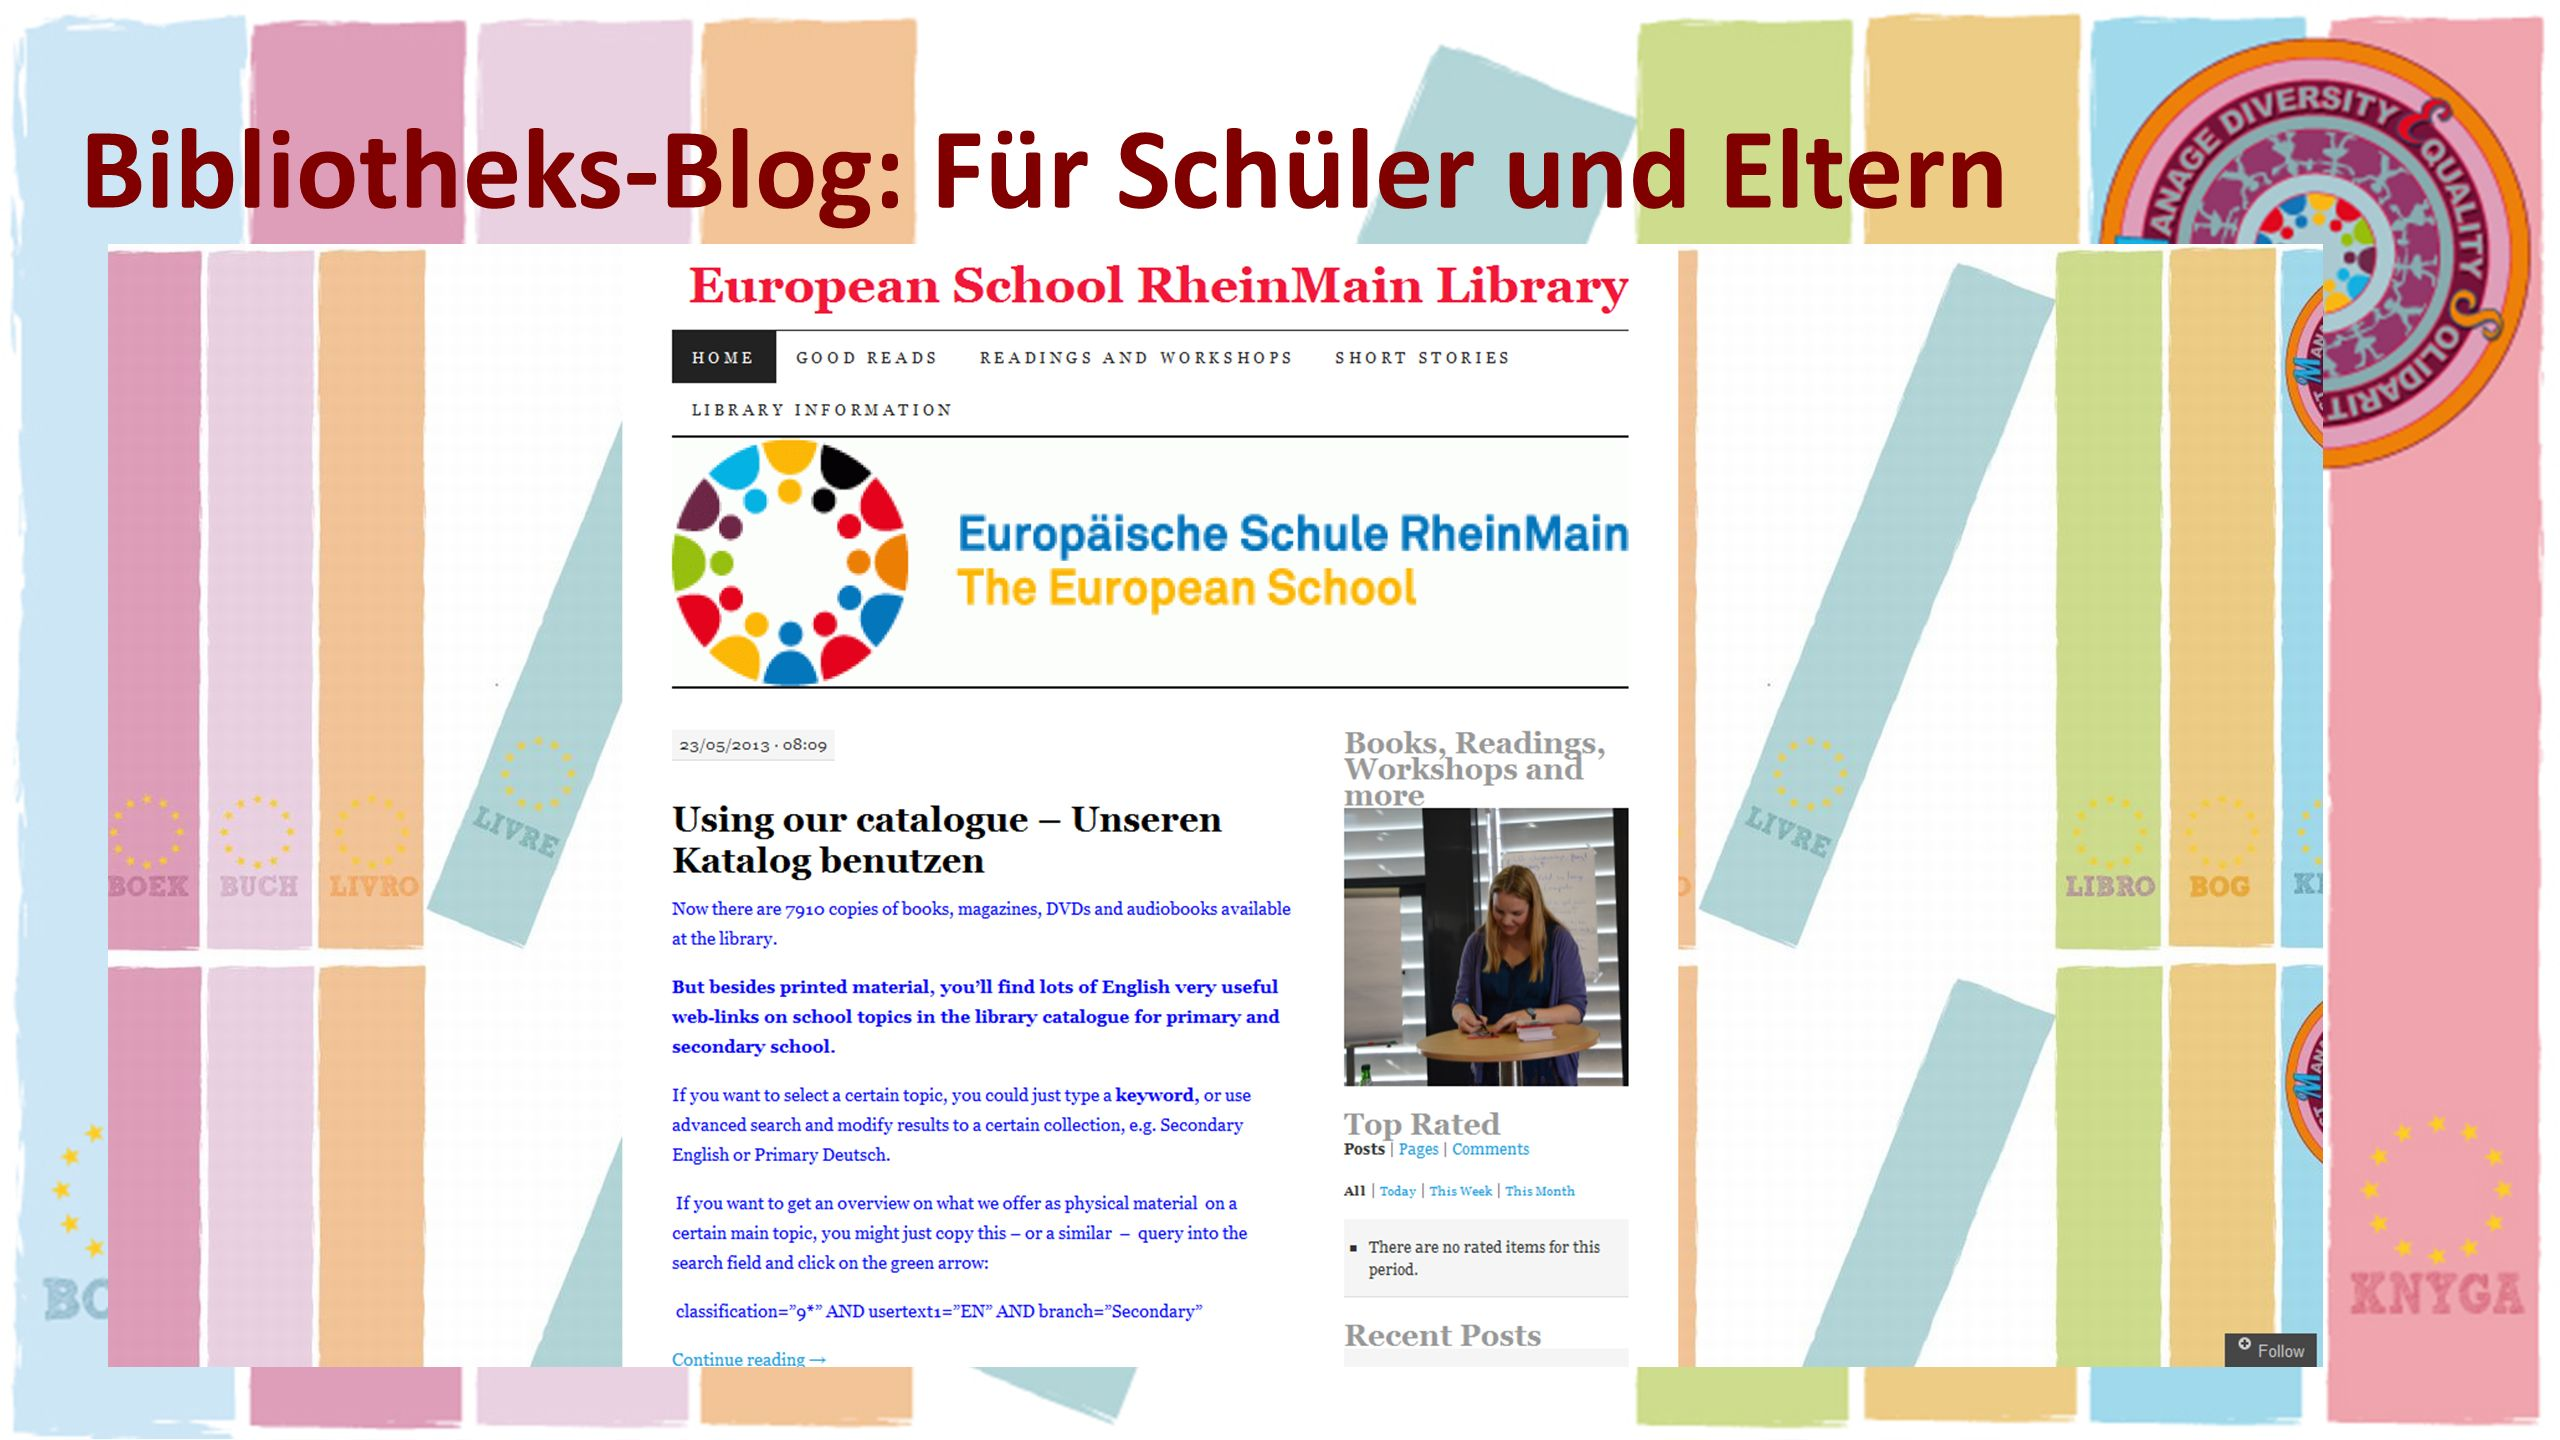 Bibliotheks-Blog: Für Schüler und Eltern